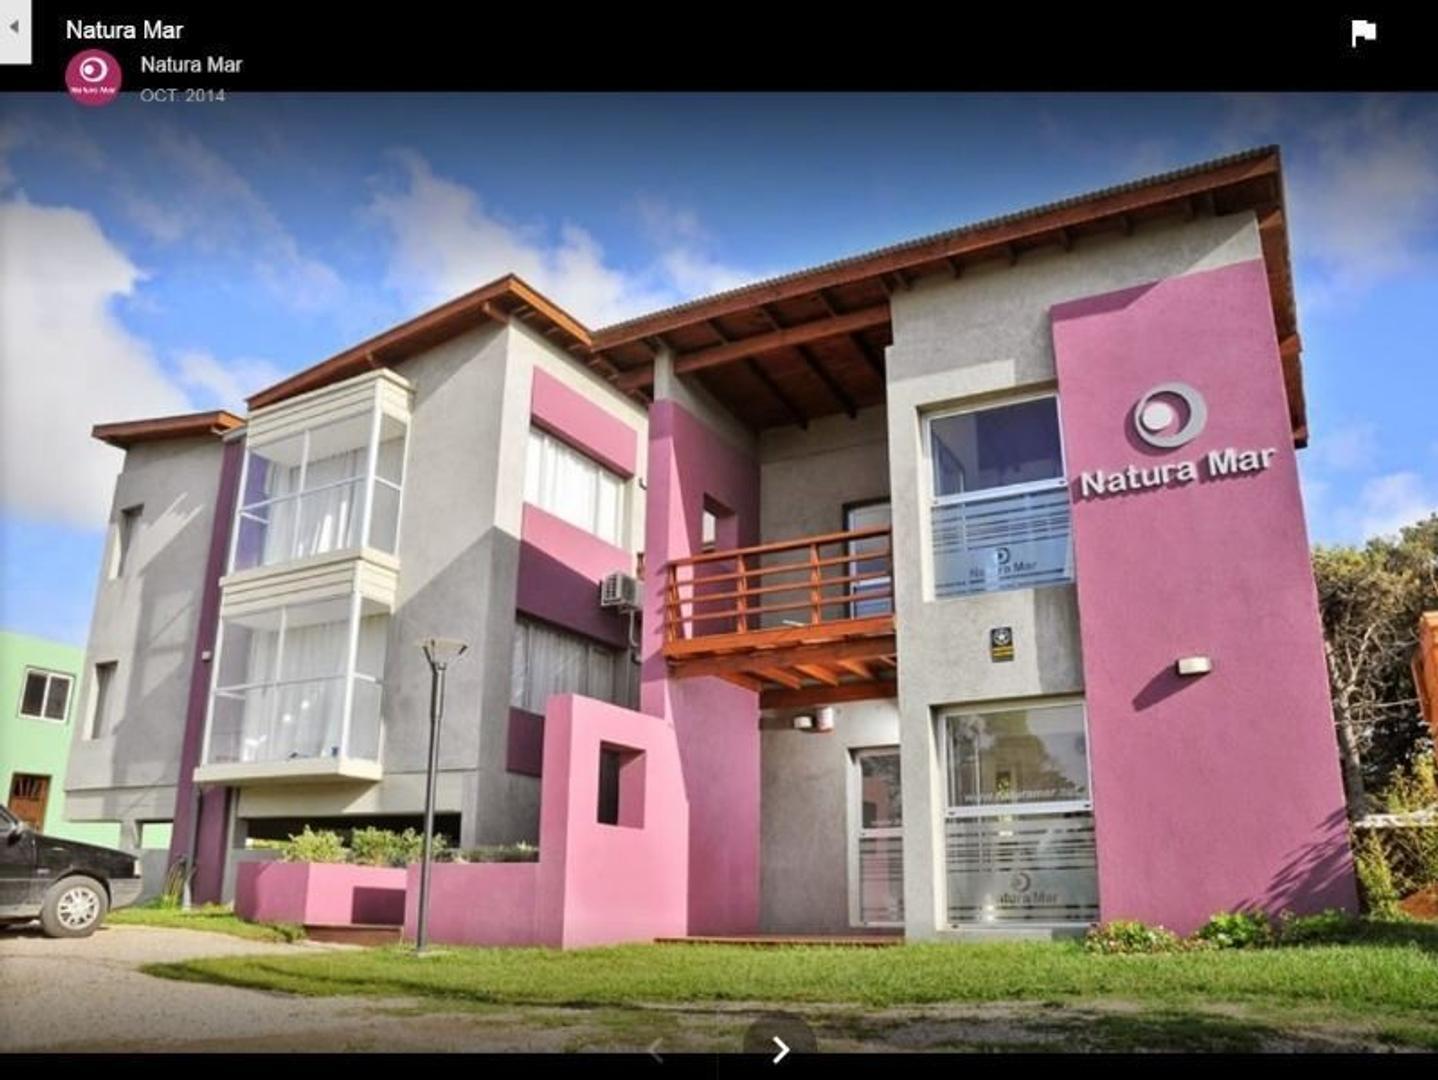 complejo habitacional de lujo en Villa gesell, instalados a full, funcionando. Son 8 departamentos.